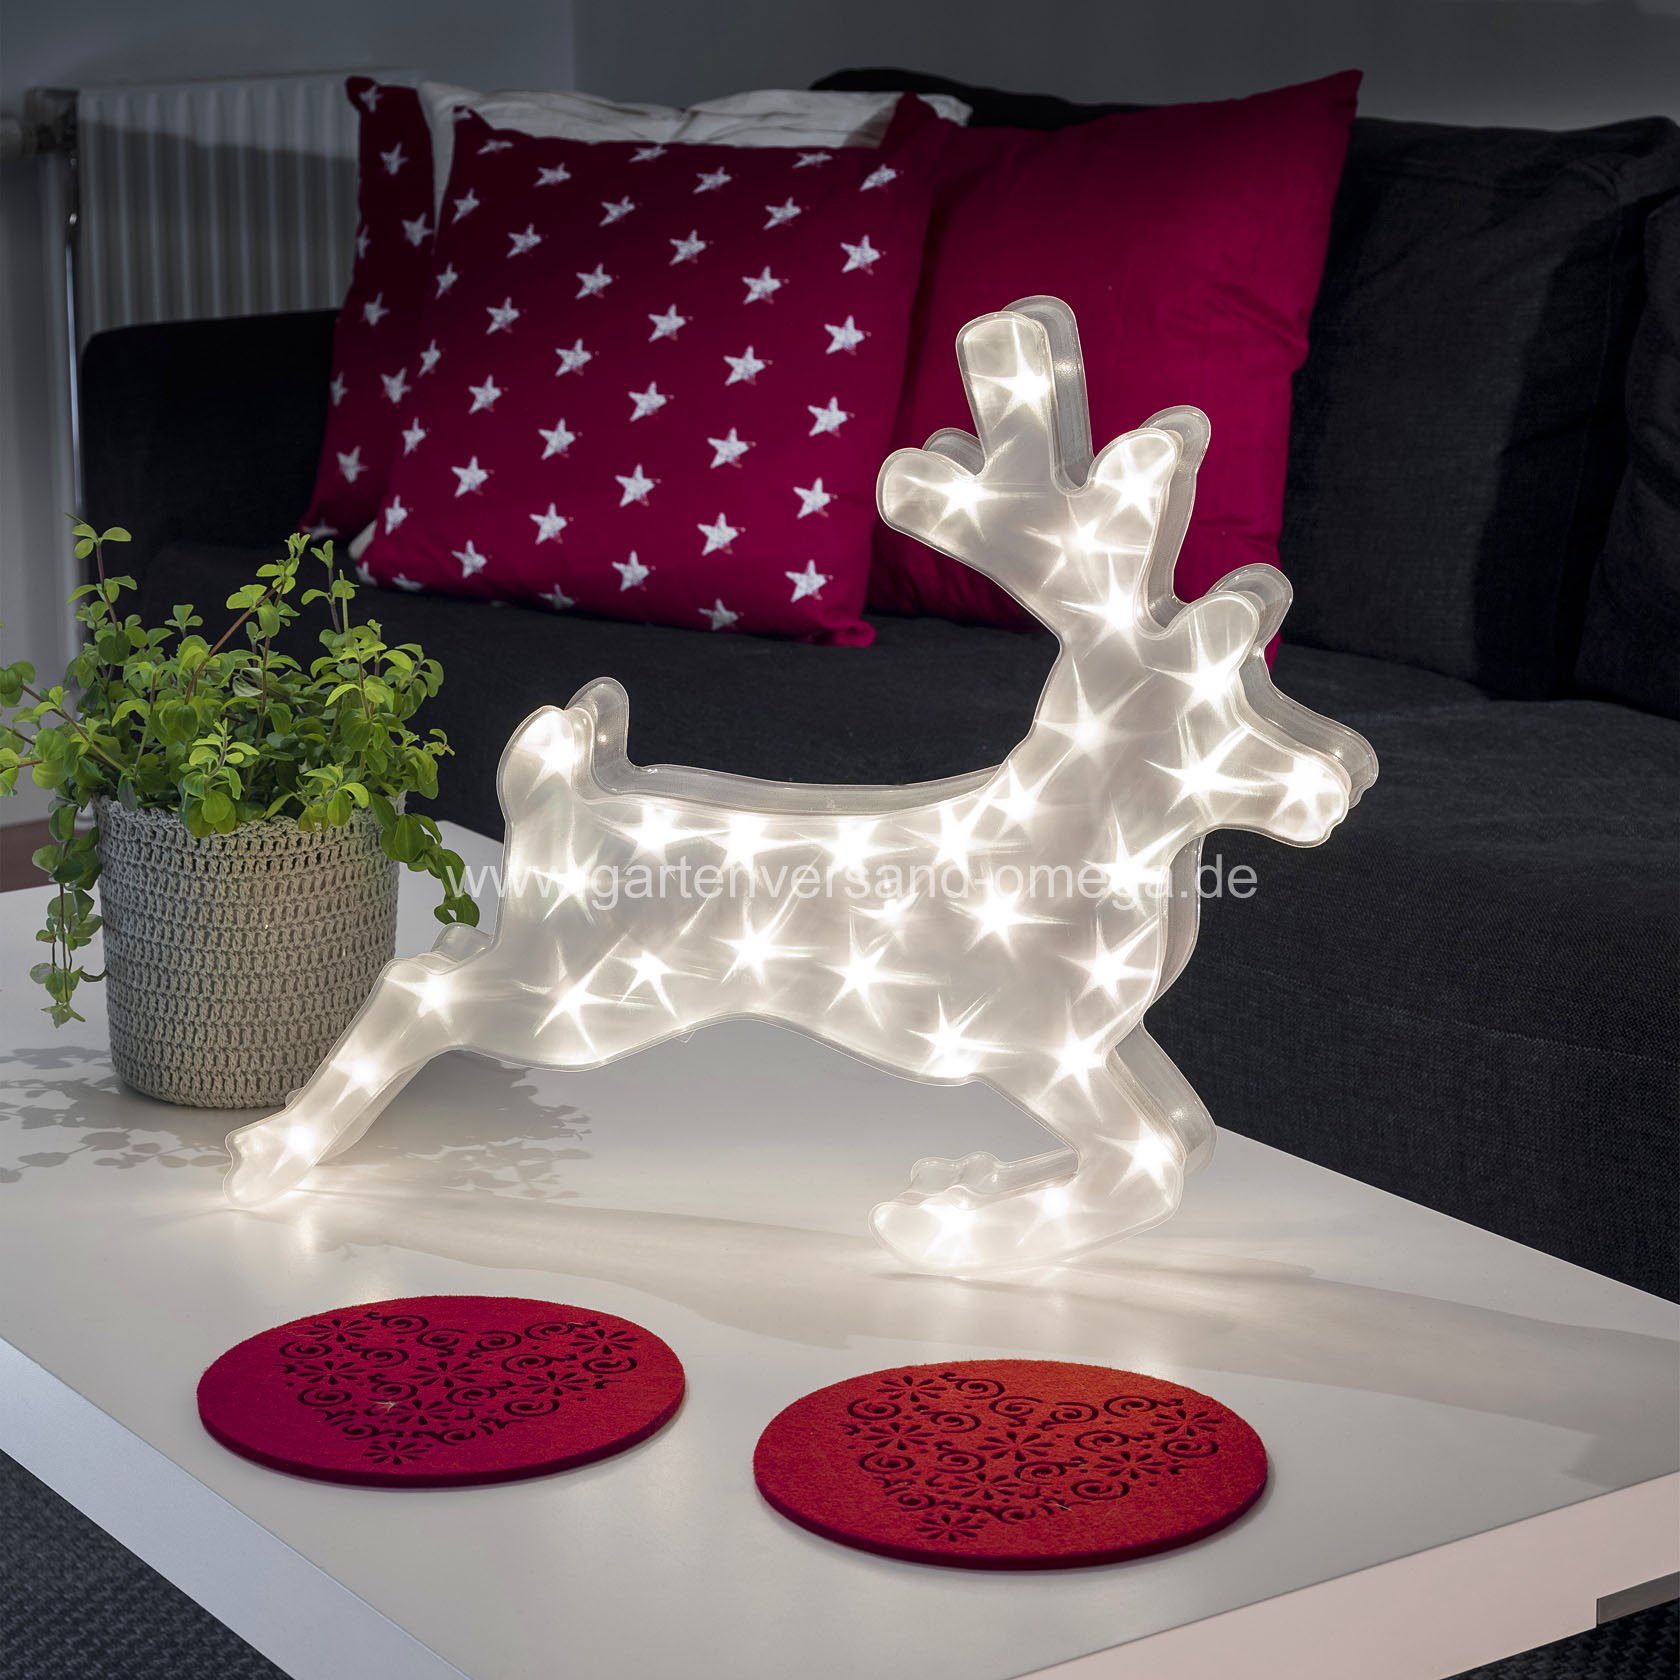 effektdekoration led kunststoffrentier sterneffekt weihnachtsbeleuchtung holografie effekt. Black Bedroom Furniture Sets. Home Design Ideas